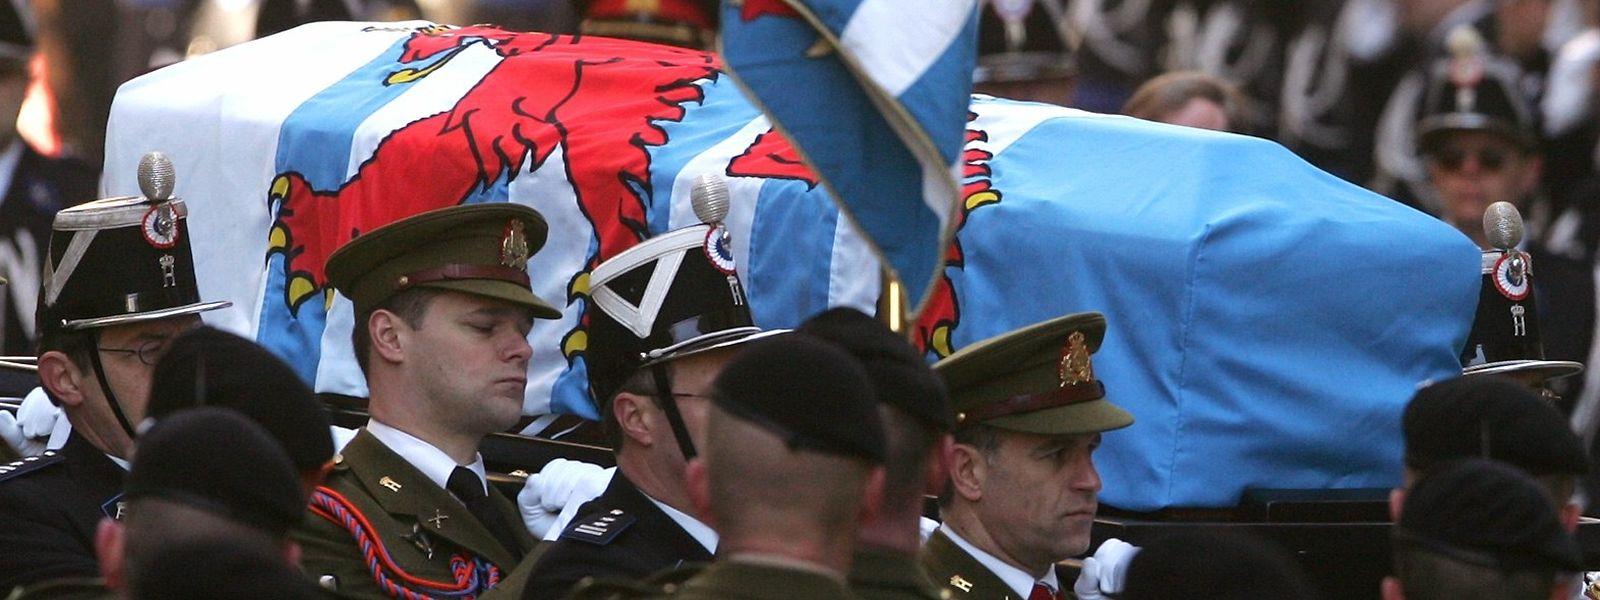 Angehörige der Armee tragen den Sarg in die Kathedrale.